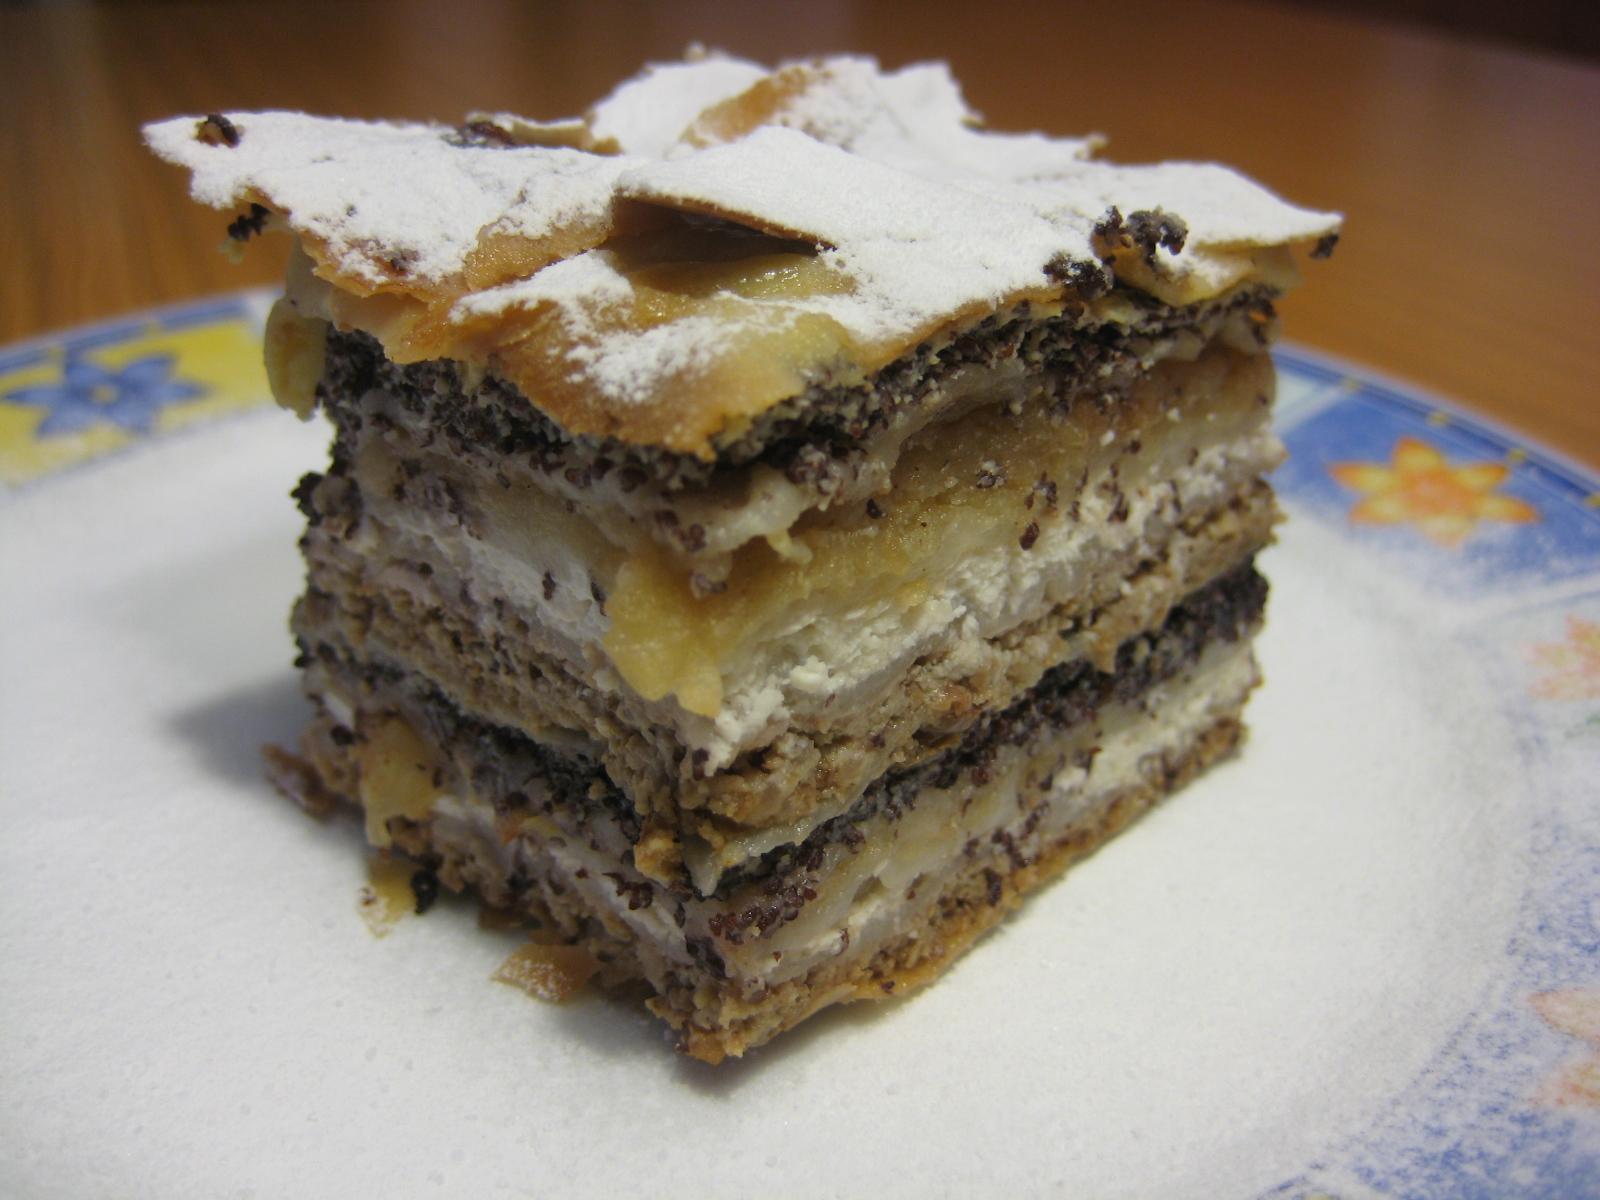 PrekmurskaGibanica, un pastel típico de Eslovenia con semillas de amapola, manzanas, nueces y pasas.